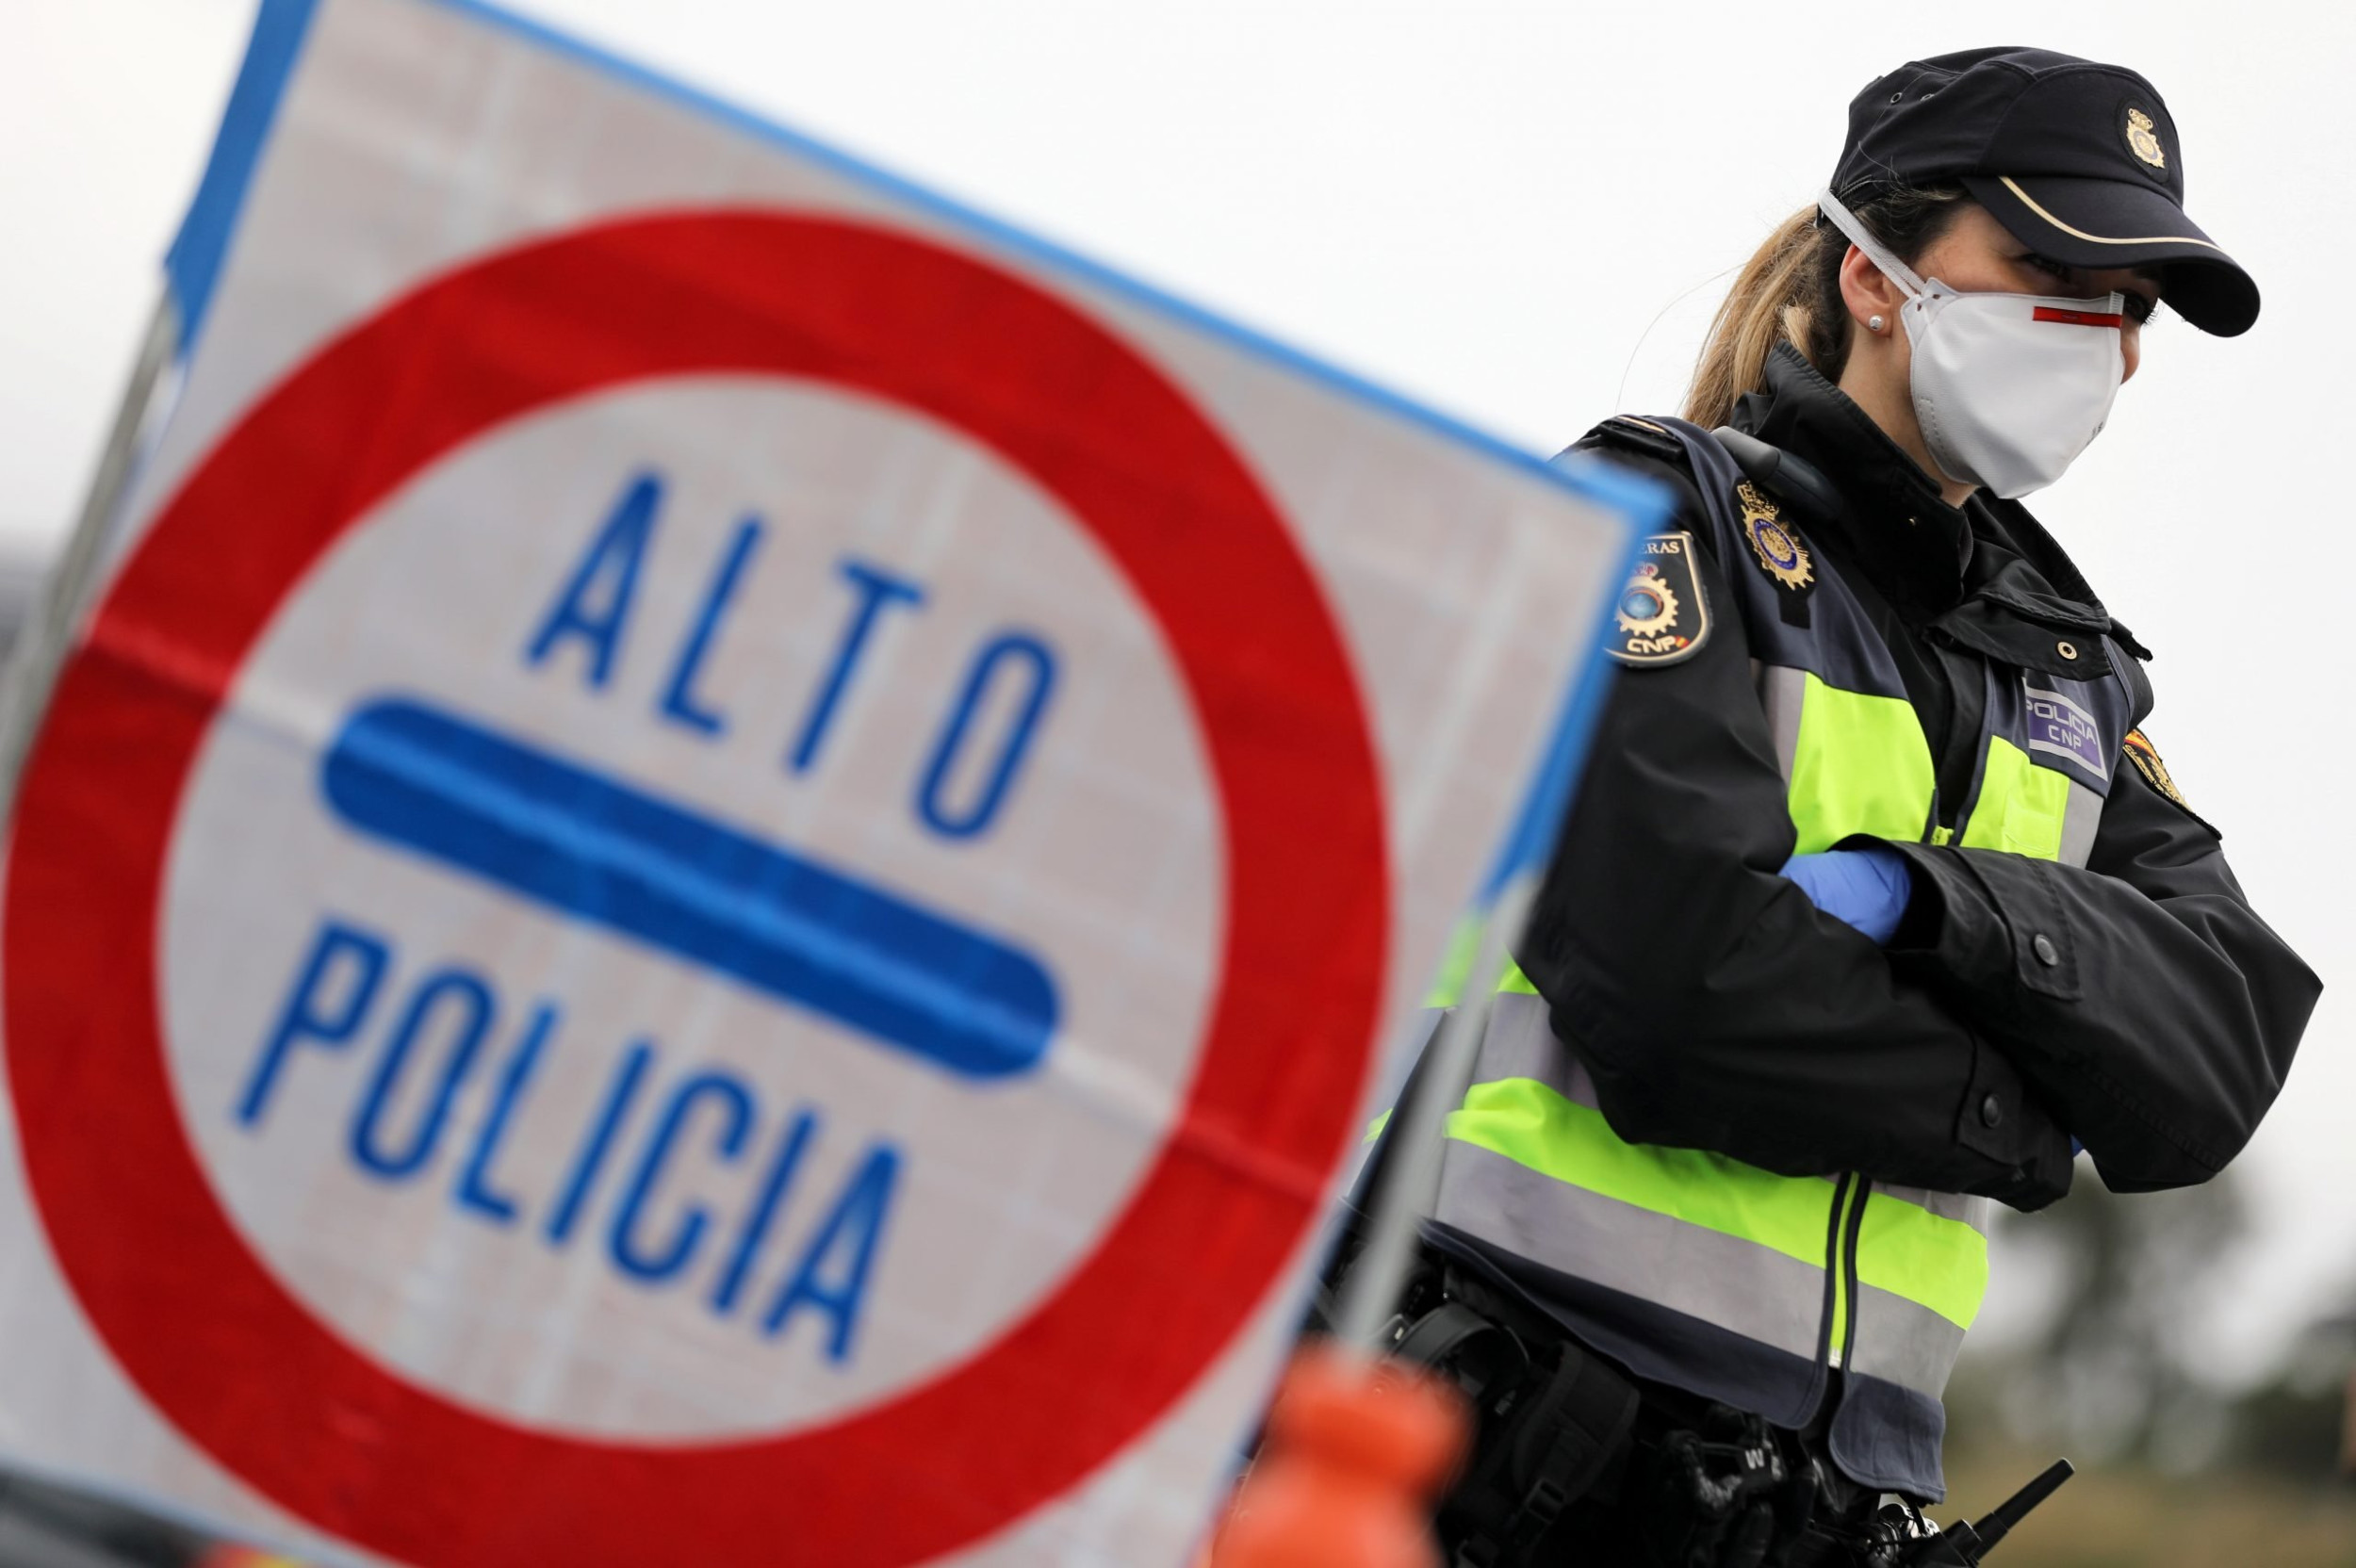 Granični policajac sa zaštitnom maskom stoji na graničnom prelazu između Španije i Francuske, 17. mart 2020. (Foto: Reuters/Nacho Doce)